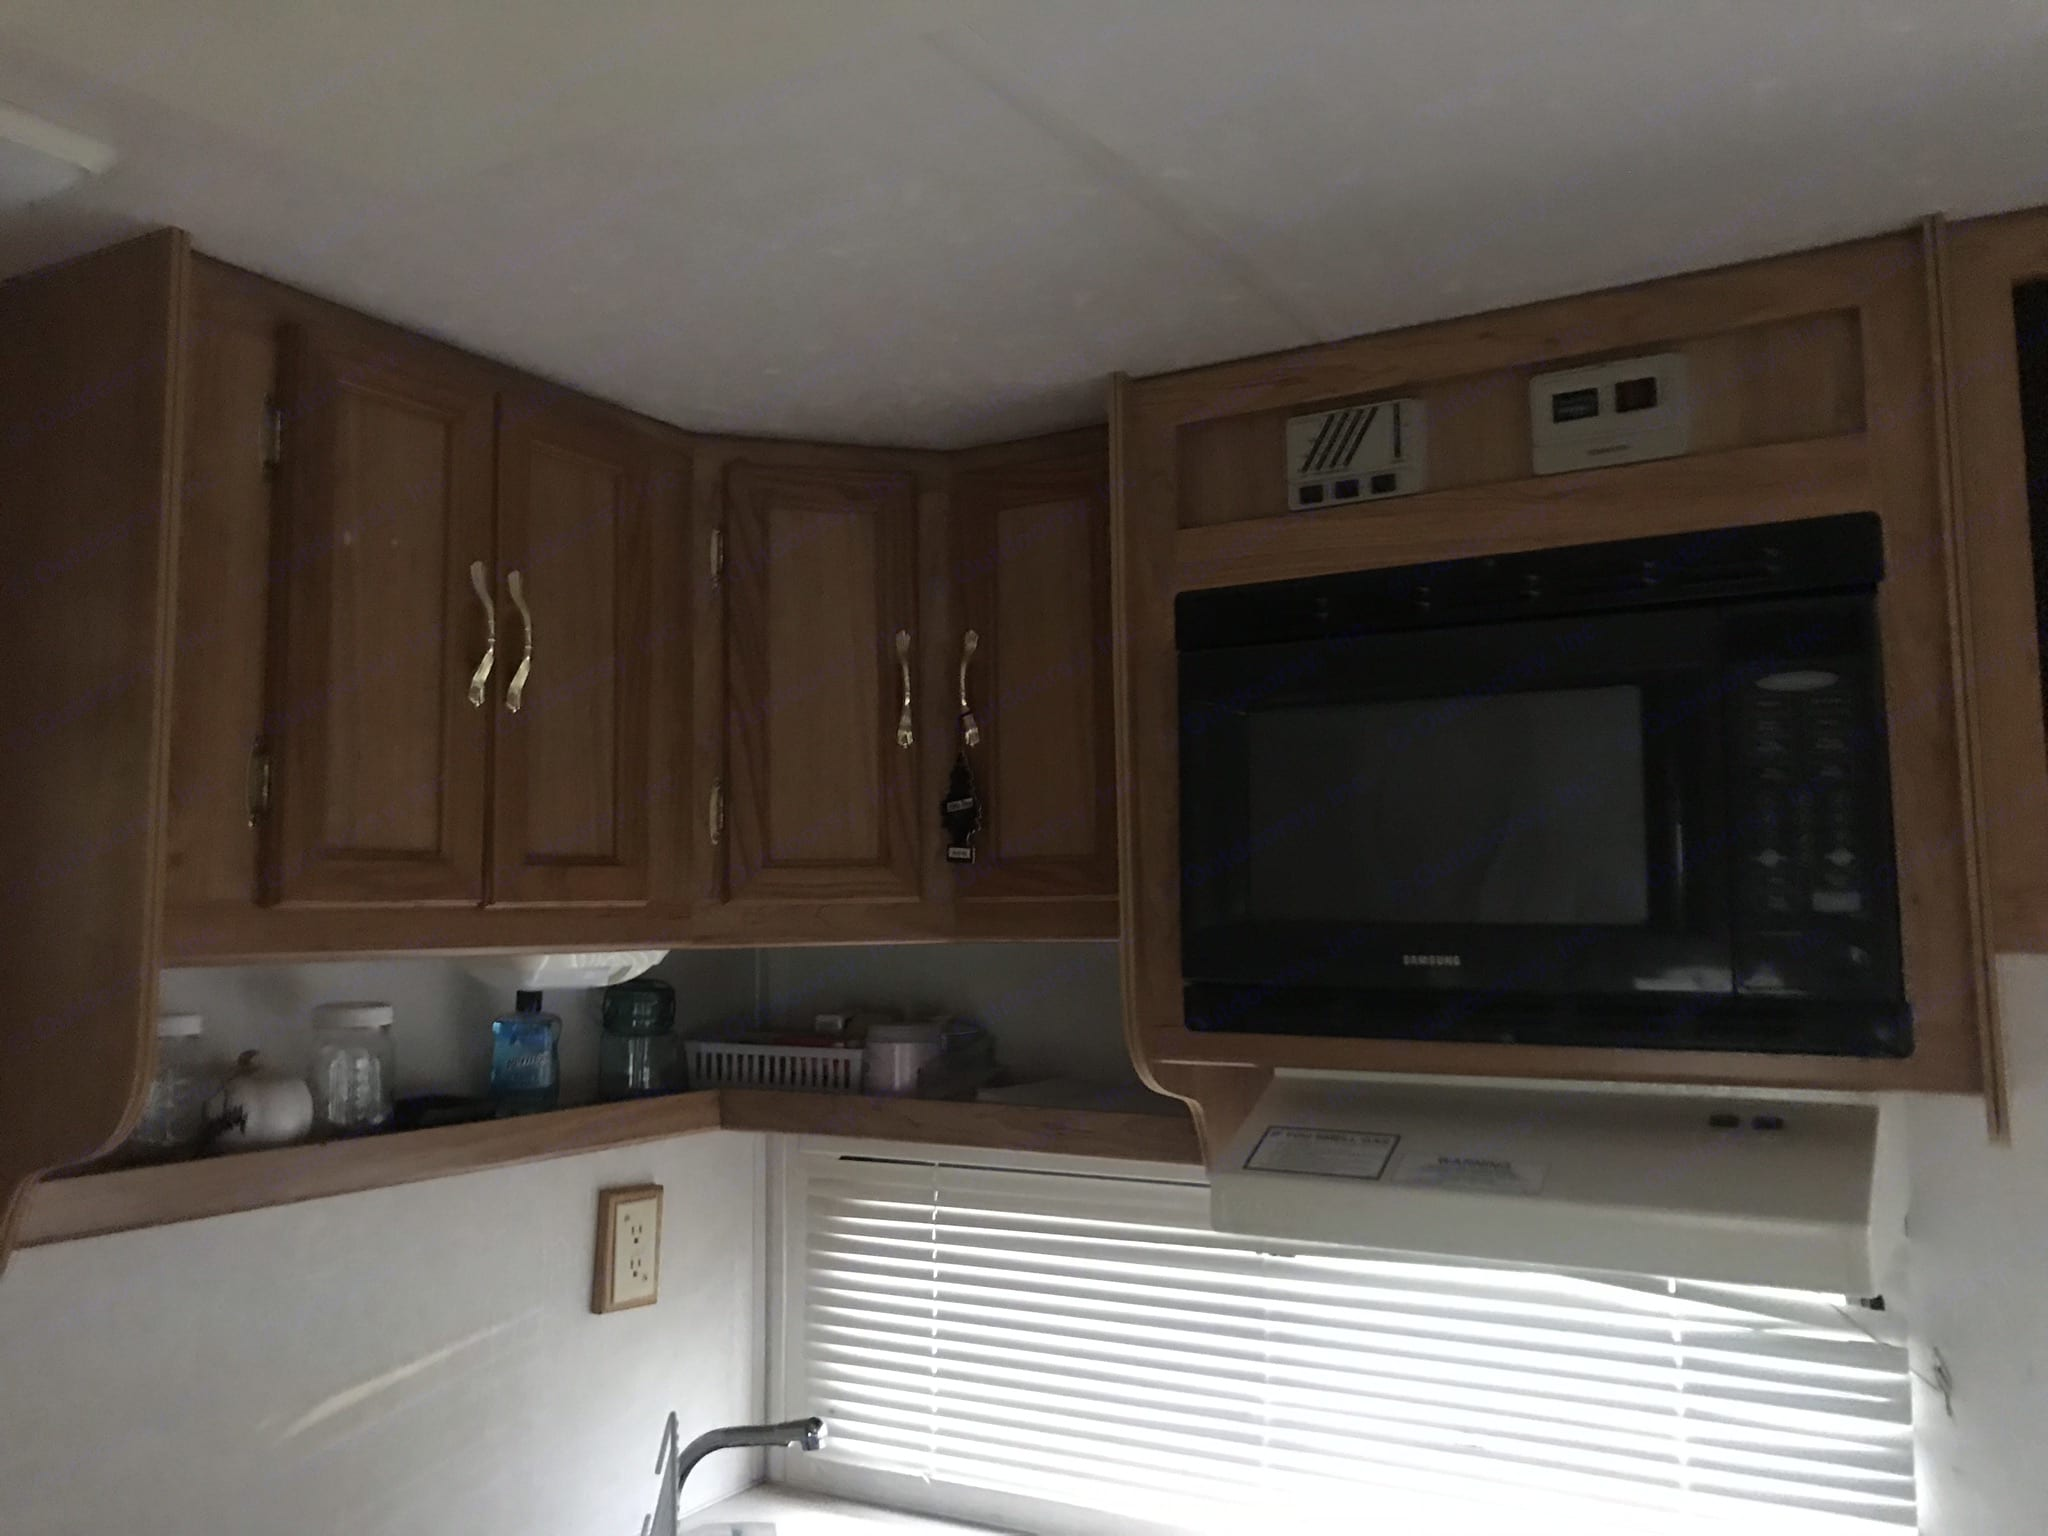 Kitchen cupboards  . Coachmen Pathfinder 2001